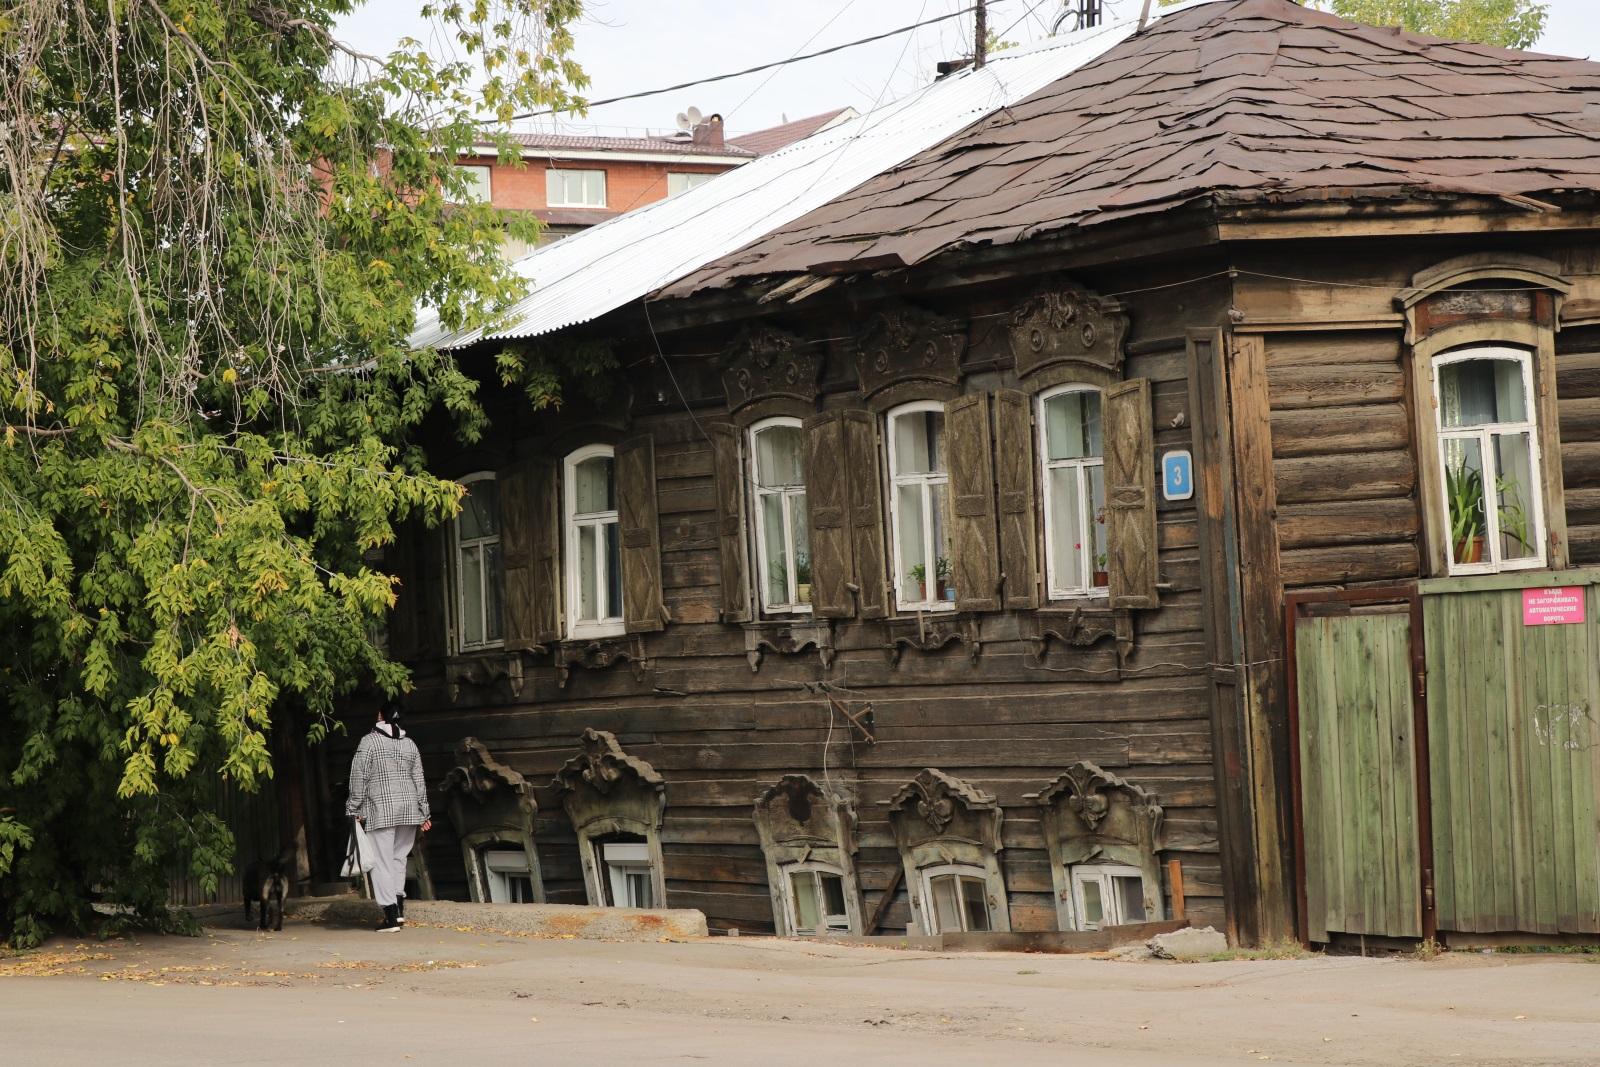 разветвленный, картинки старых домов в иркутске ремонт тут